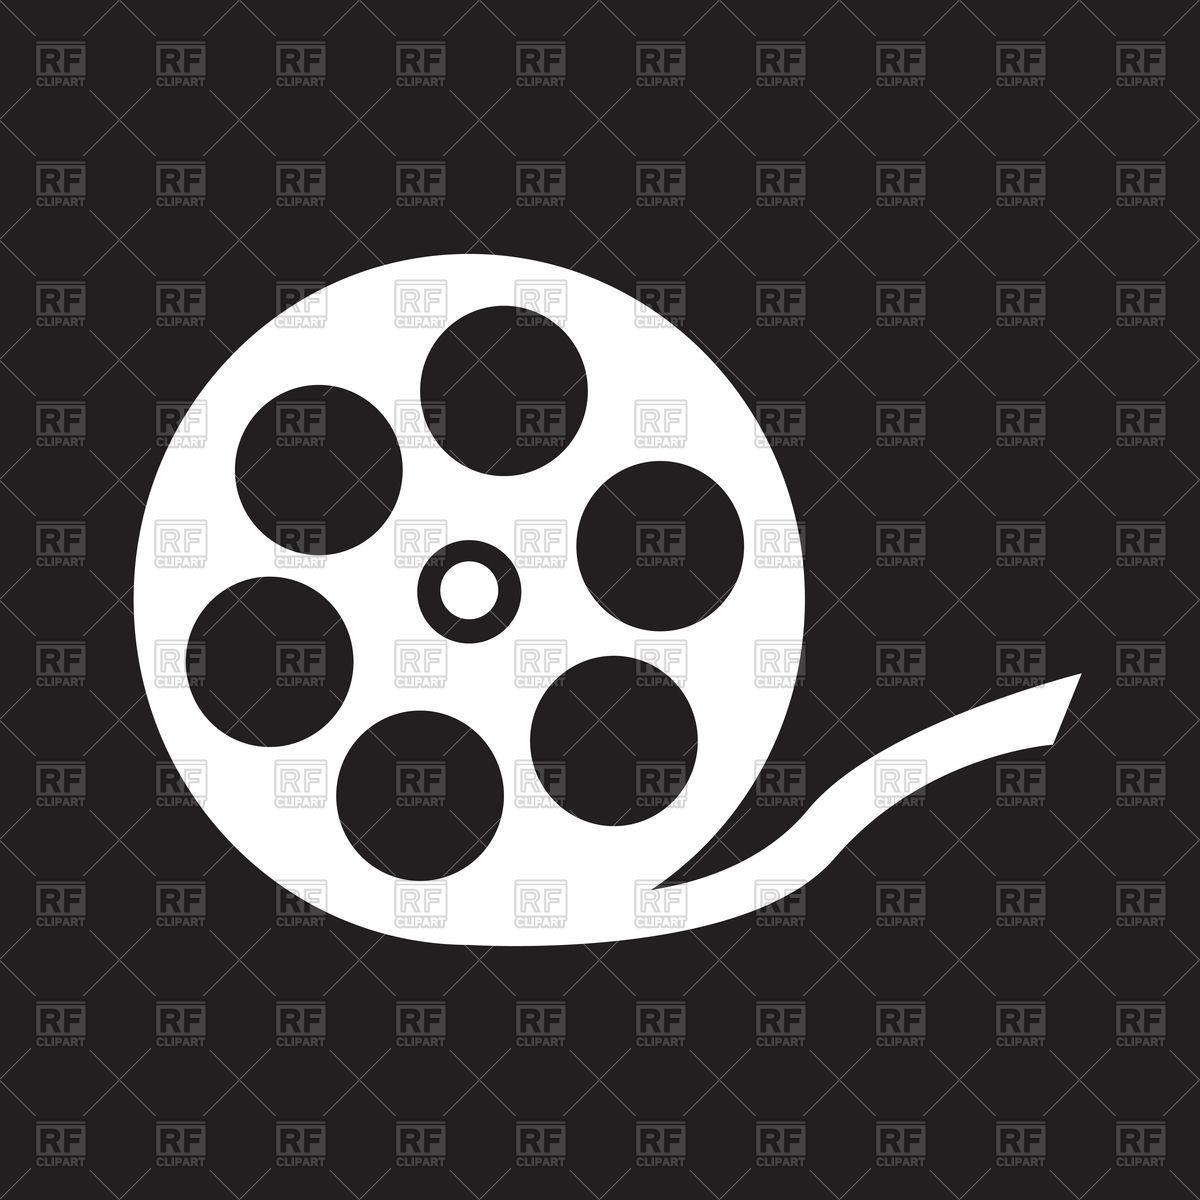 1200x1200 Film Reel Icon Vector Image Vector Artwork Of Signs, Symbols